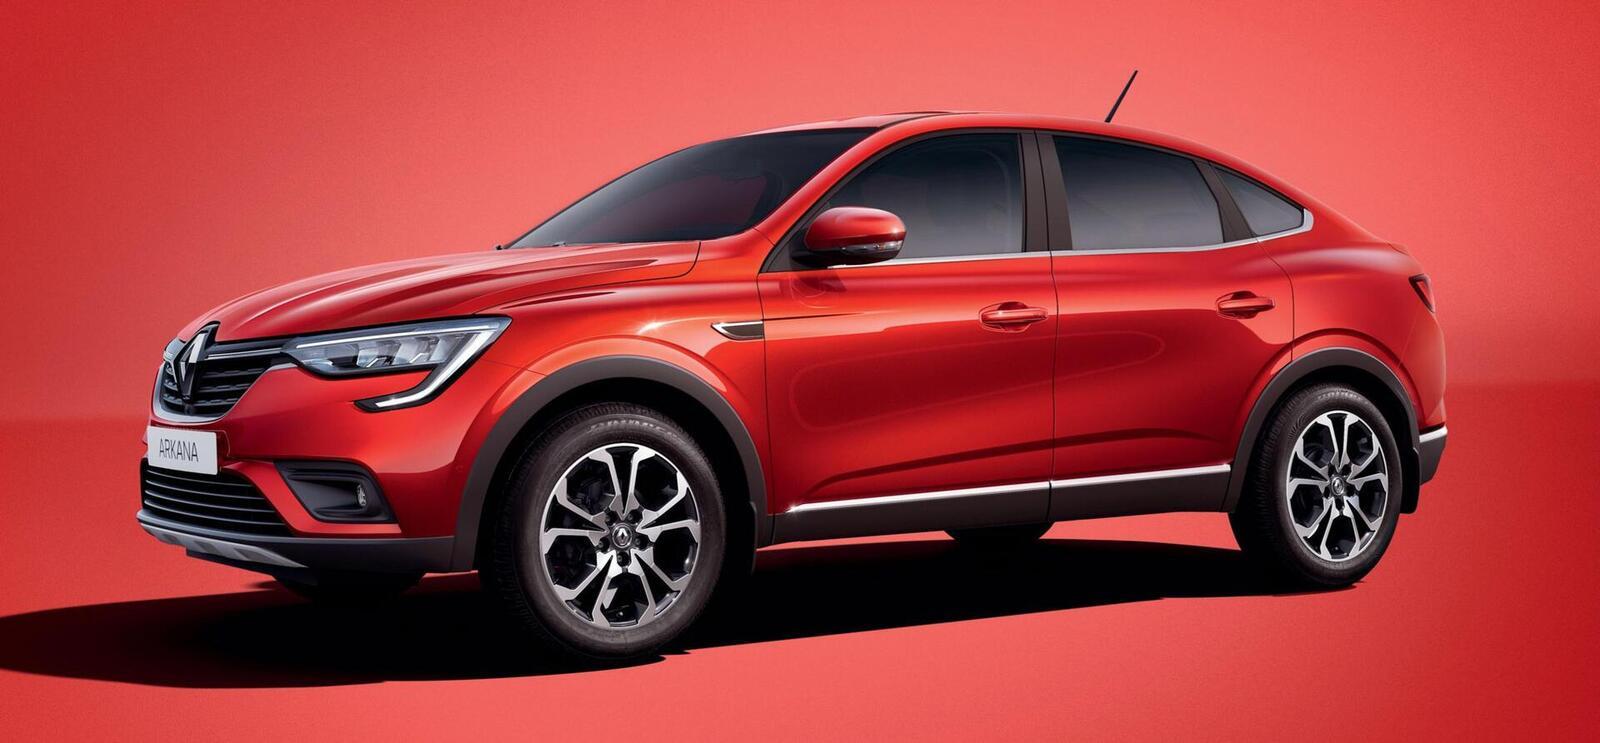 Renault giới thiệu Arkana mới: SUV Coupe mang thiết kế tương tự BMW X6 - Hình 18